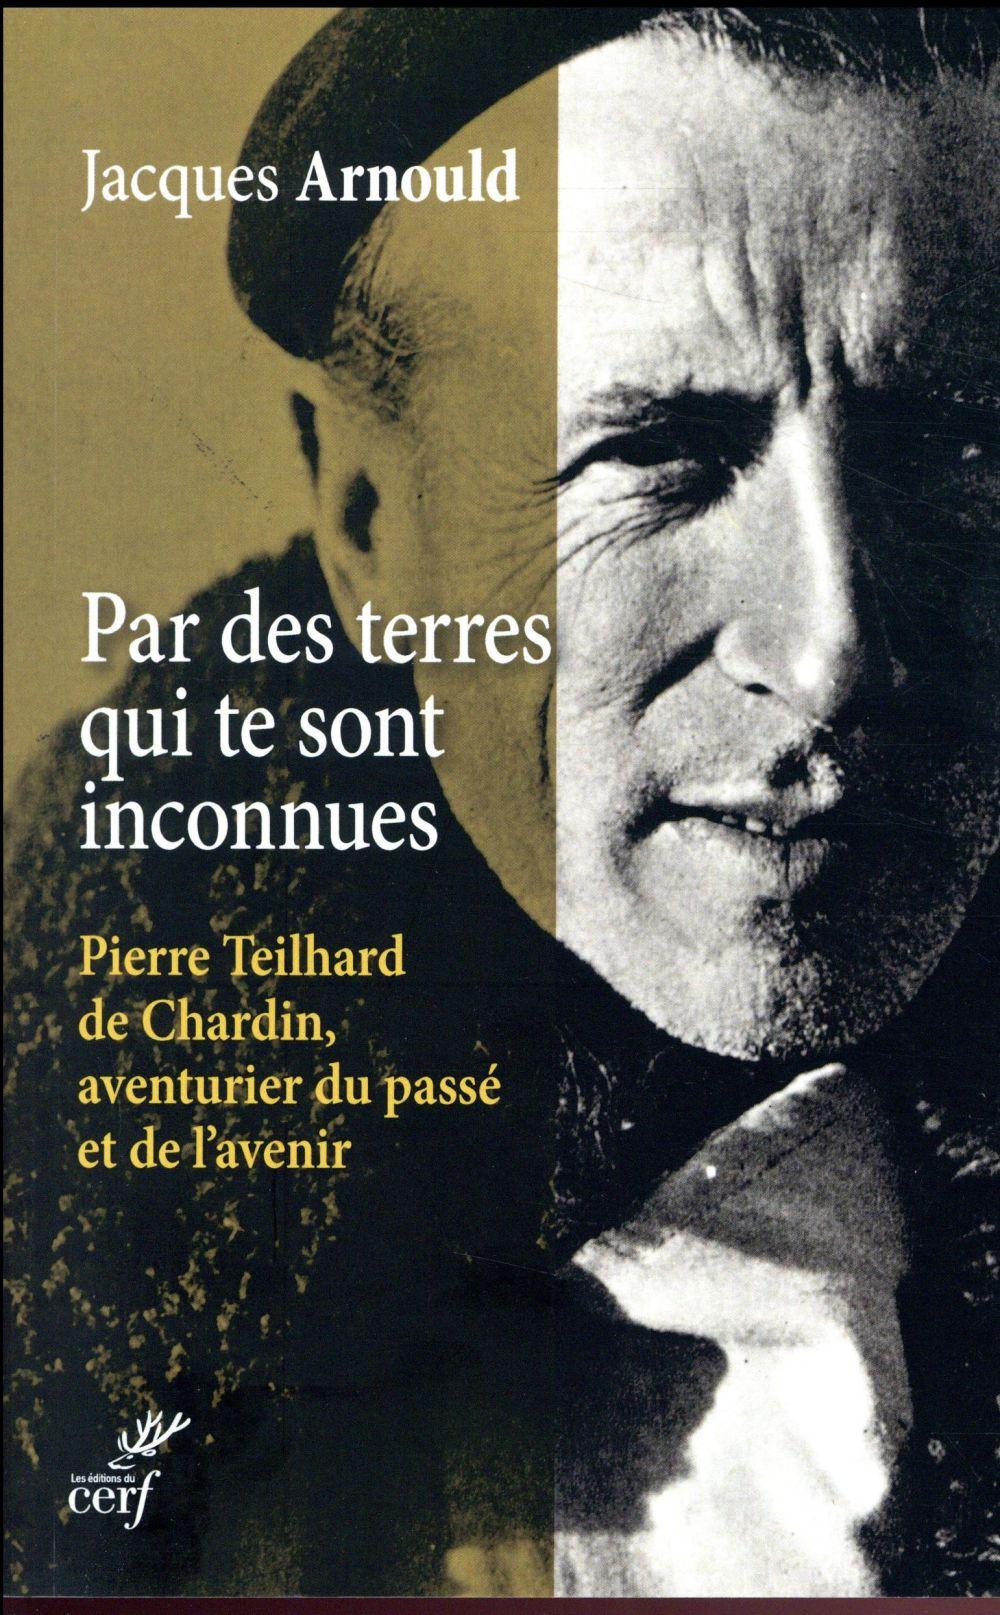 Par des terres qui te sont inconnues ; Pierre Teilhard de Chardin, aventurier du passé et de l'avenir